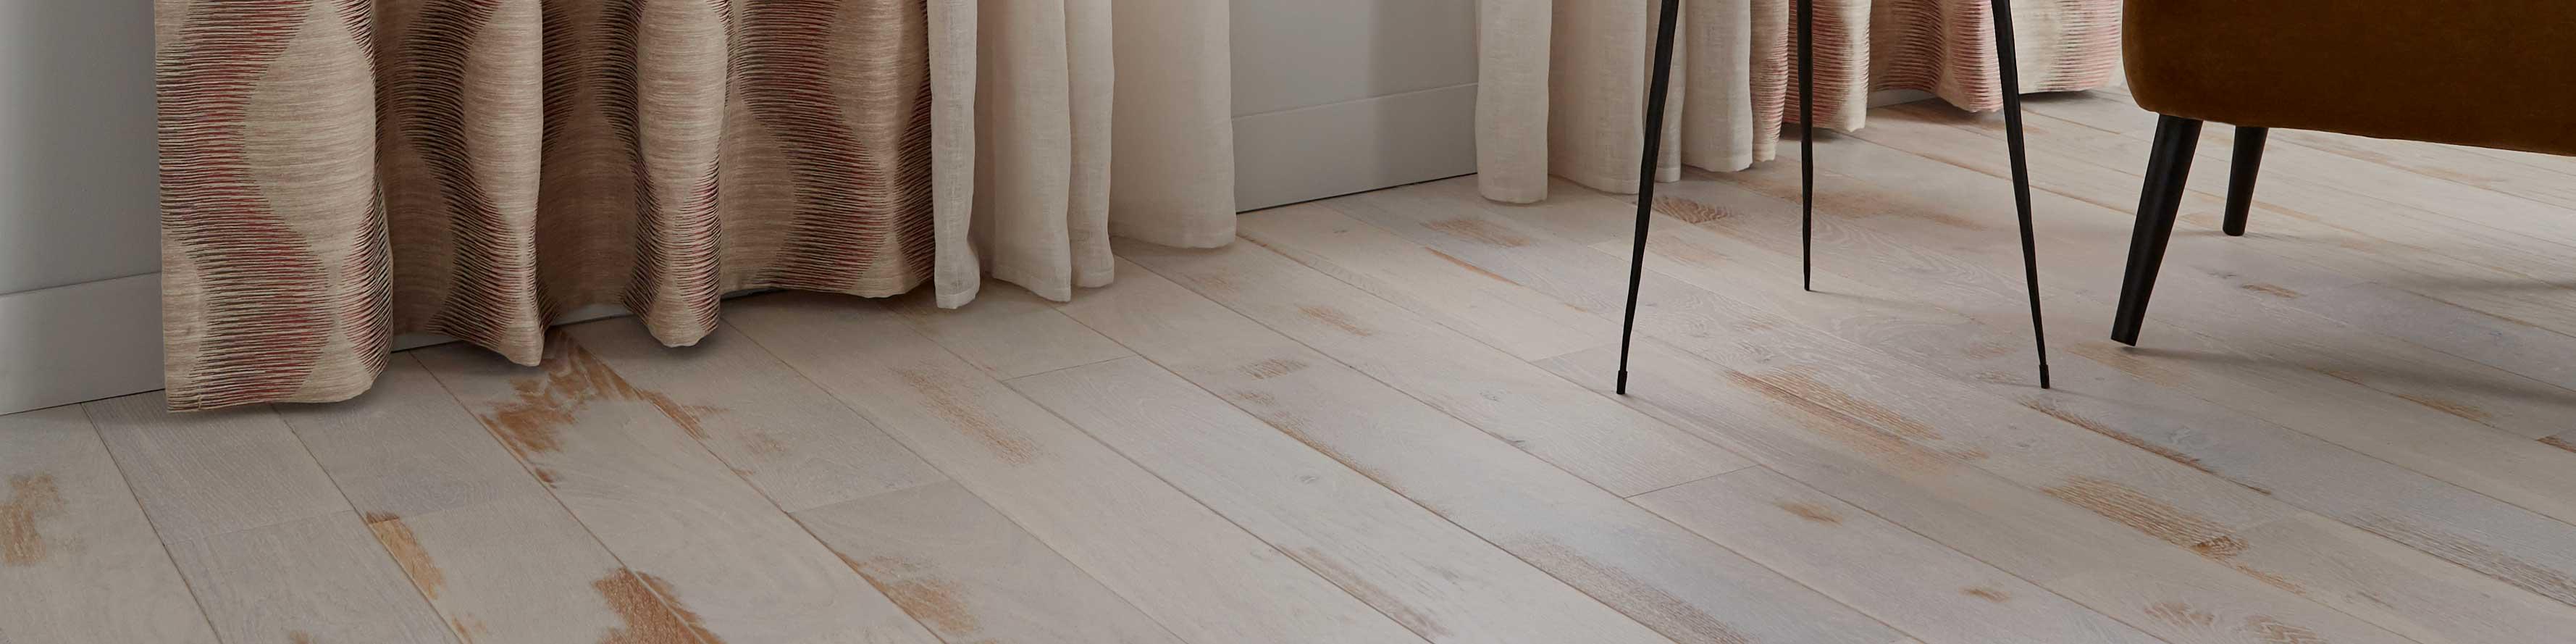 parquet blanc parquet chene blanchi blanc vieilli parquet flottant blanc parquet bois blanc saint maclou